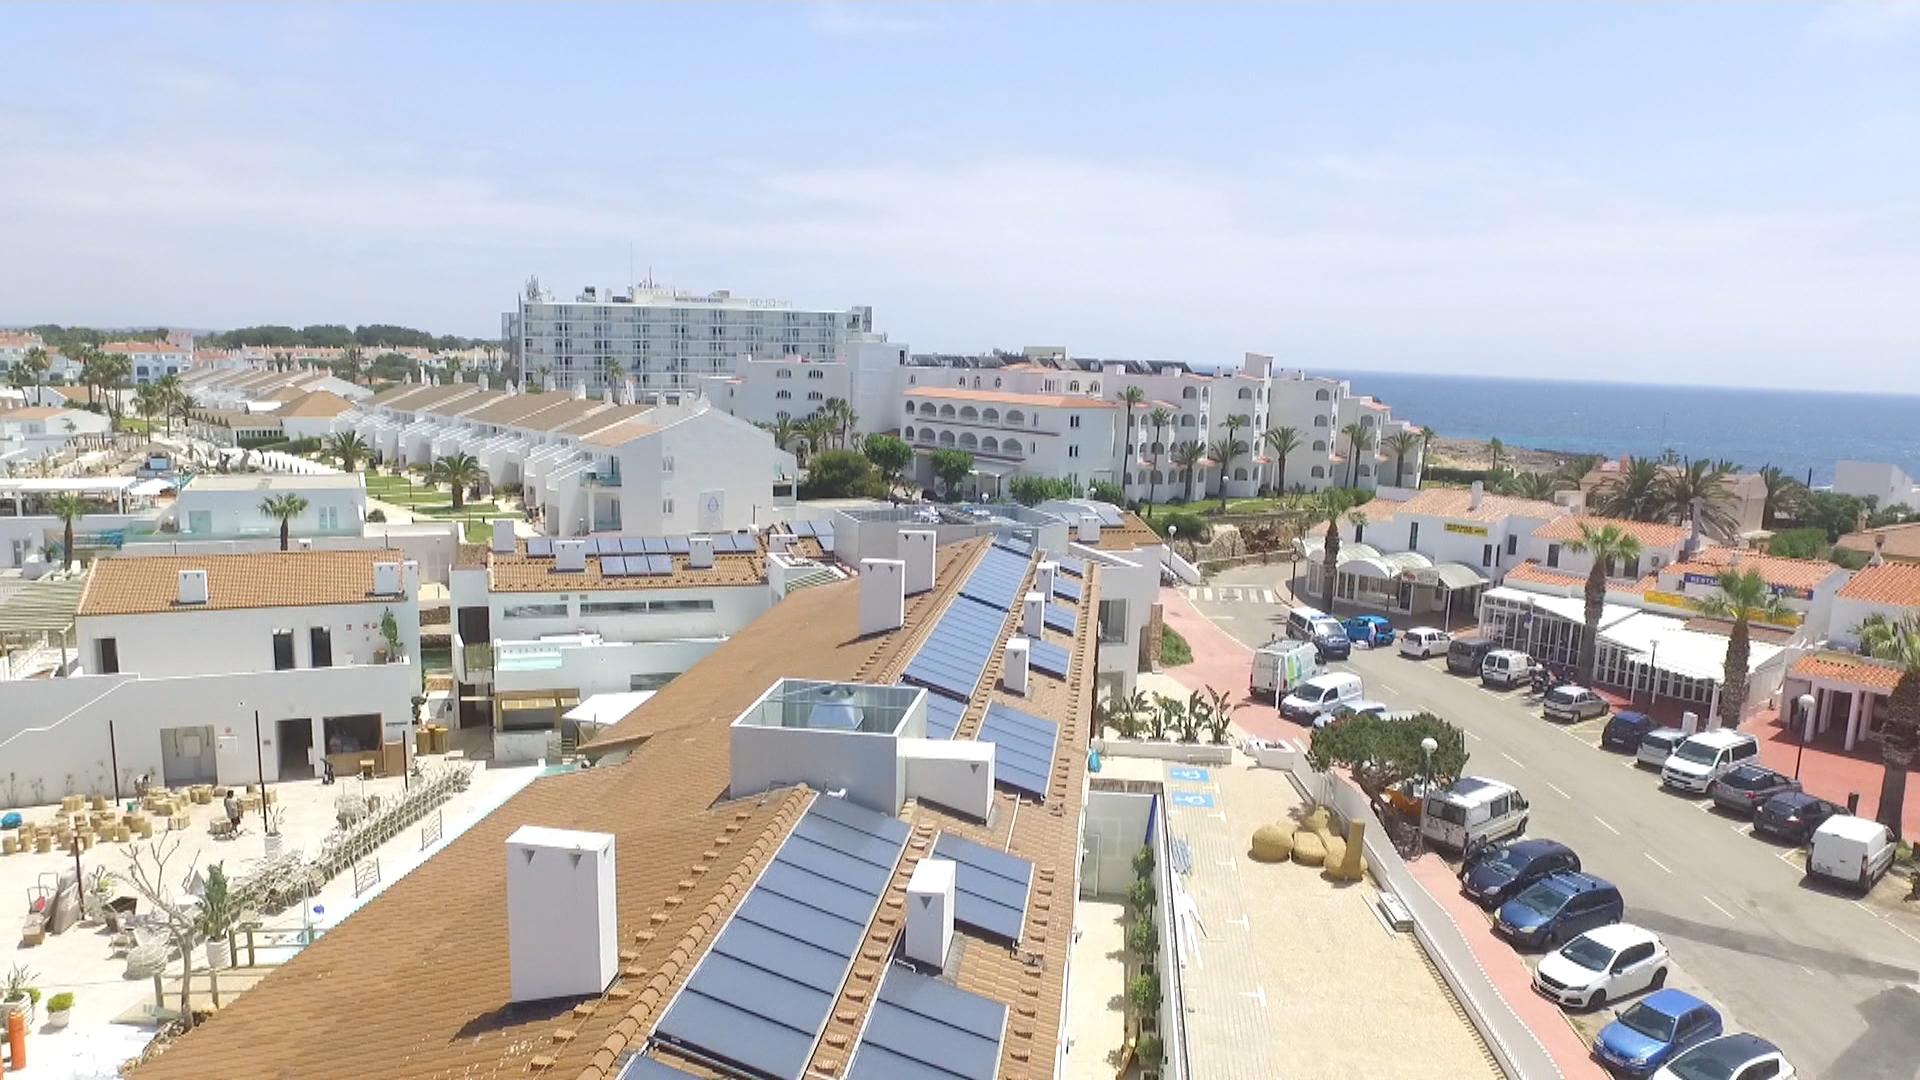 Construir+un+hotel+sostenible+incrementa+els+costos+un+10%2525